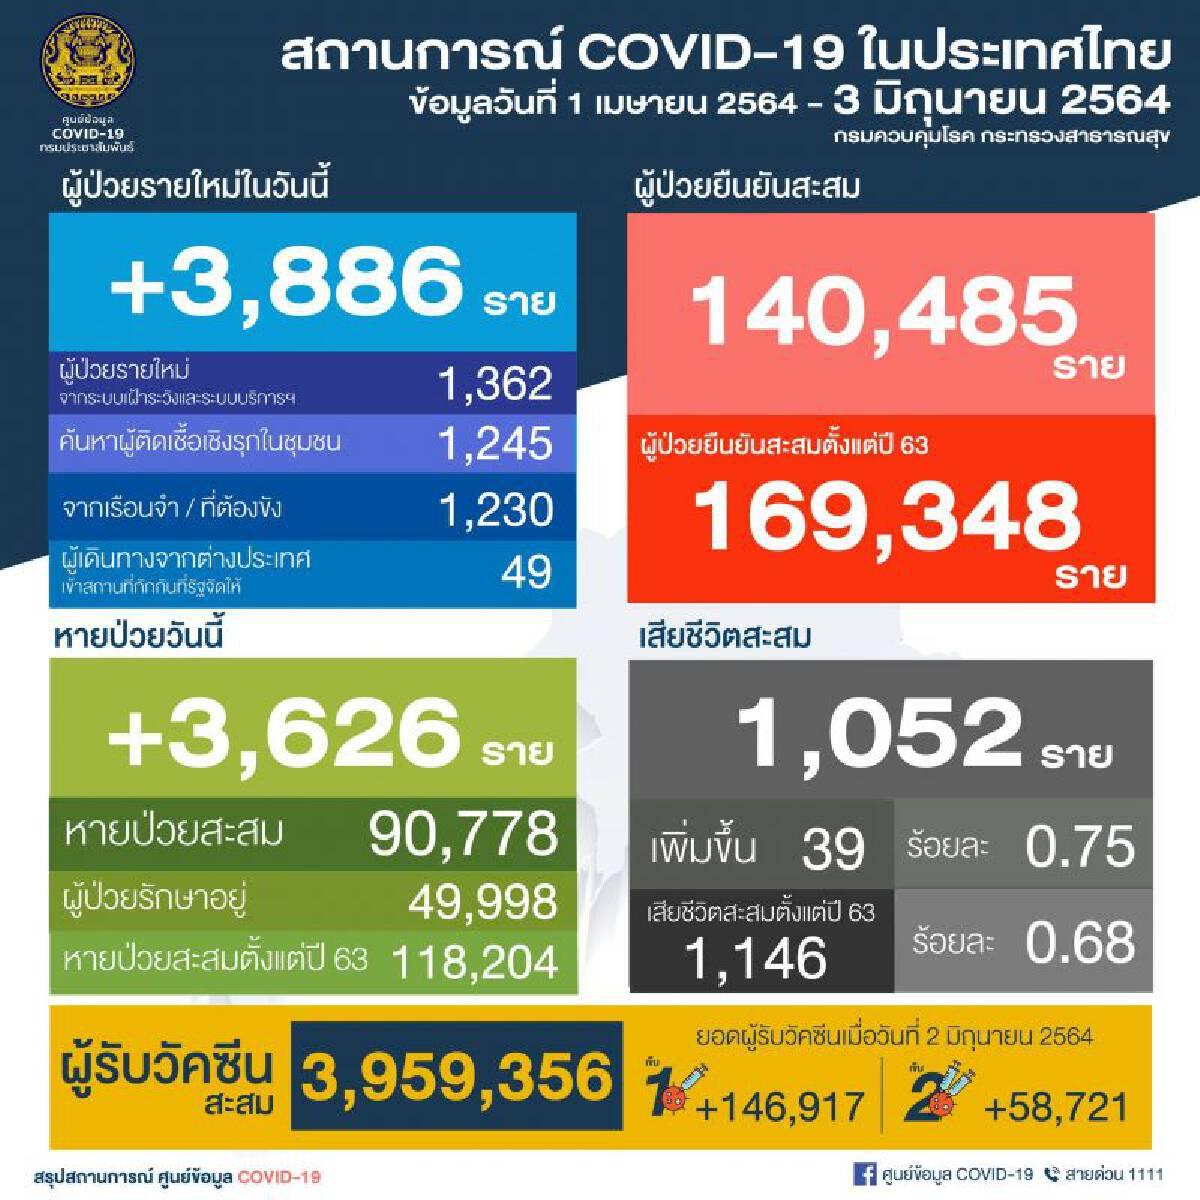 อัพเดท ยอดโควิดวันนี้ ติดเชื้อเพิ่ม 3,886 หายป่วยเพิ่ม 3,626 เสียชีวิต 39 ราย